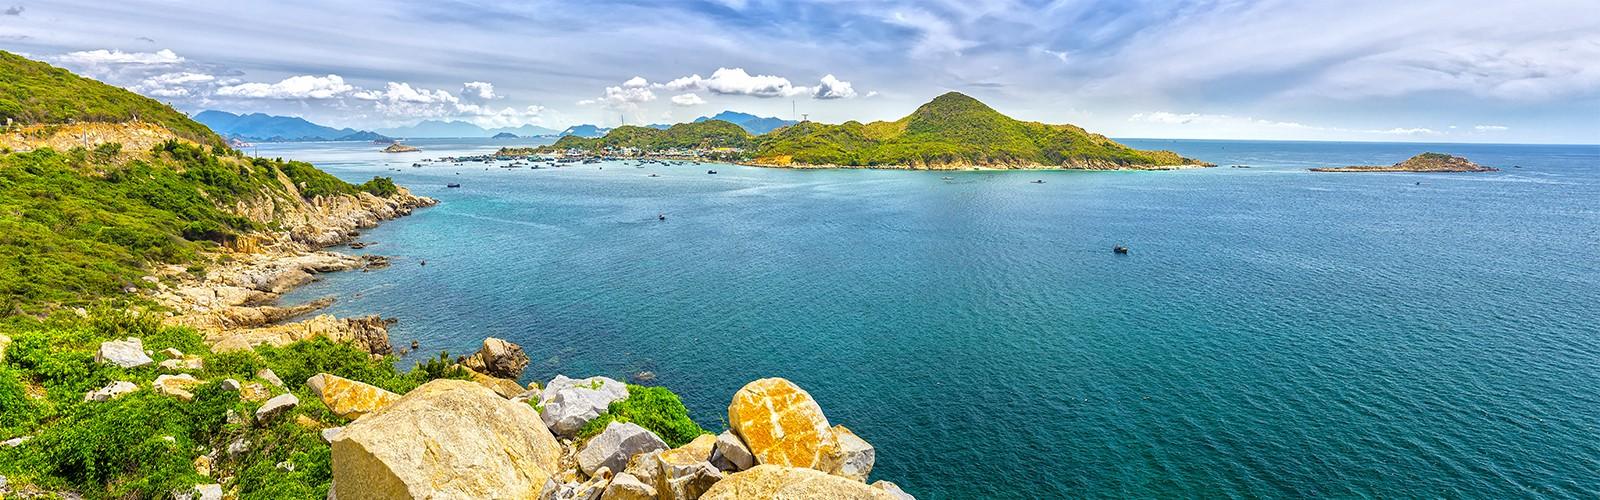 vietnam-blog-header